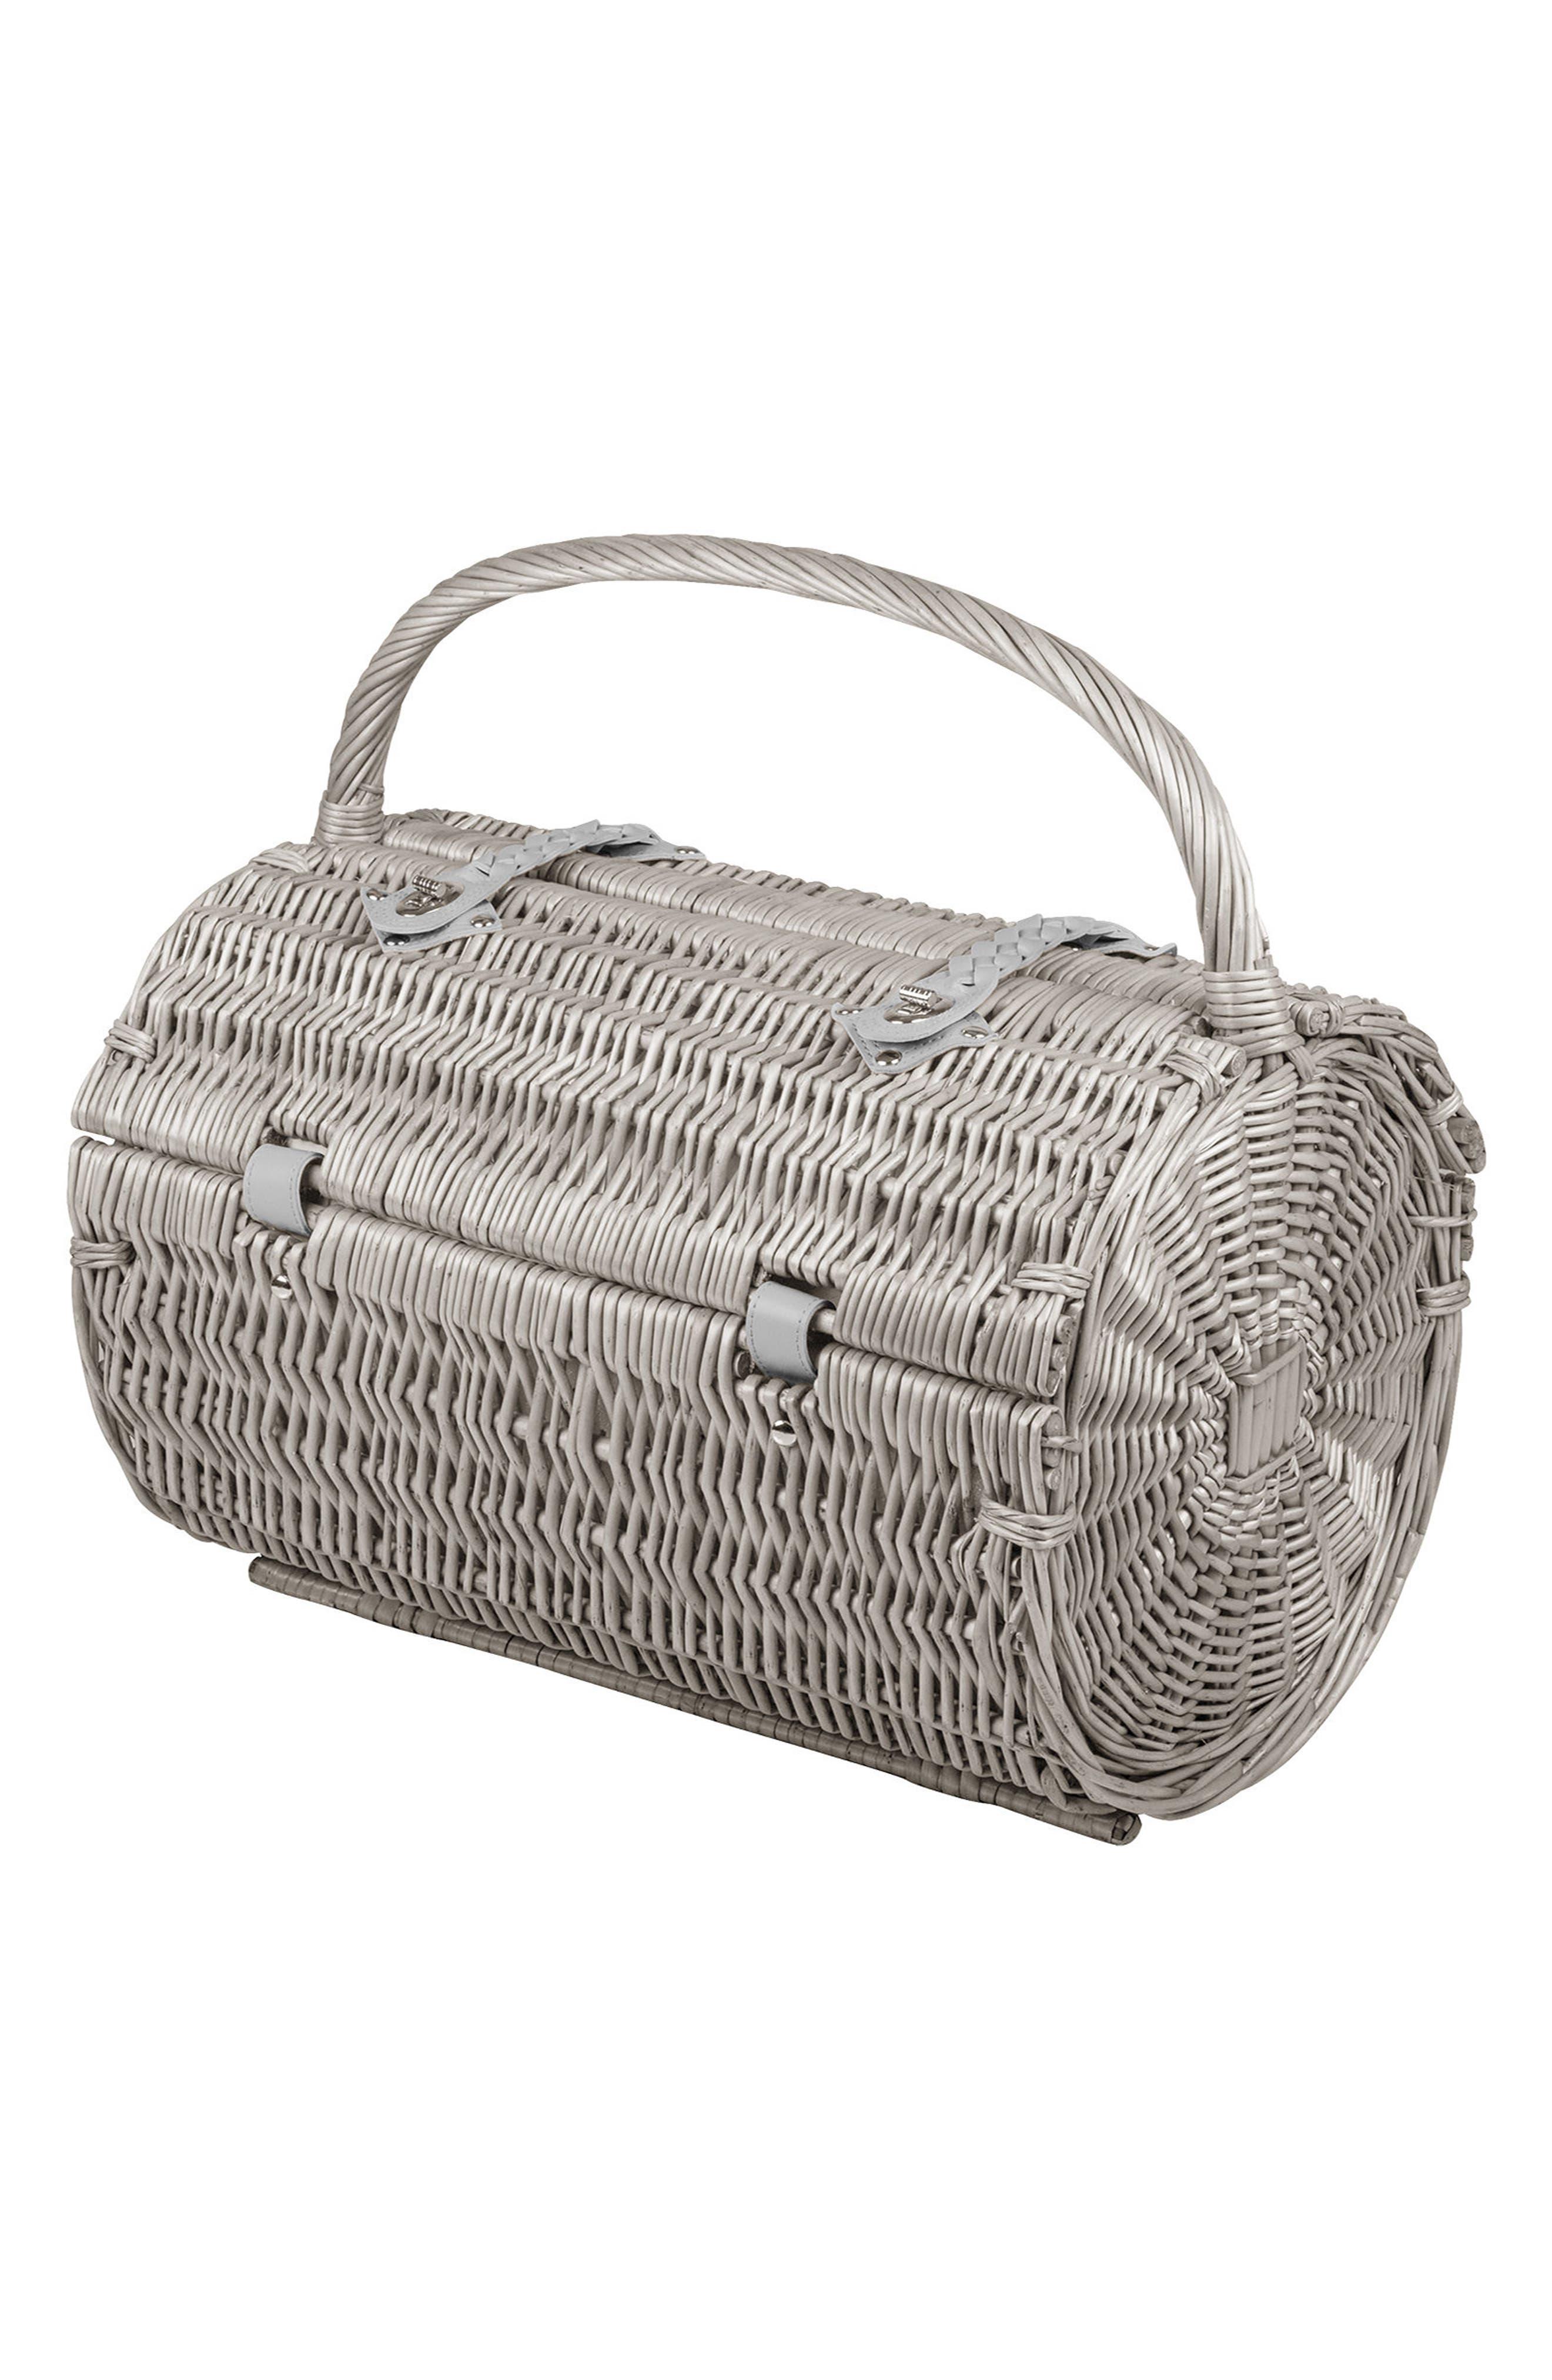 Wicker Barrel Picnic Basket,                         Main,                         color, 400